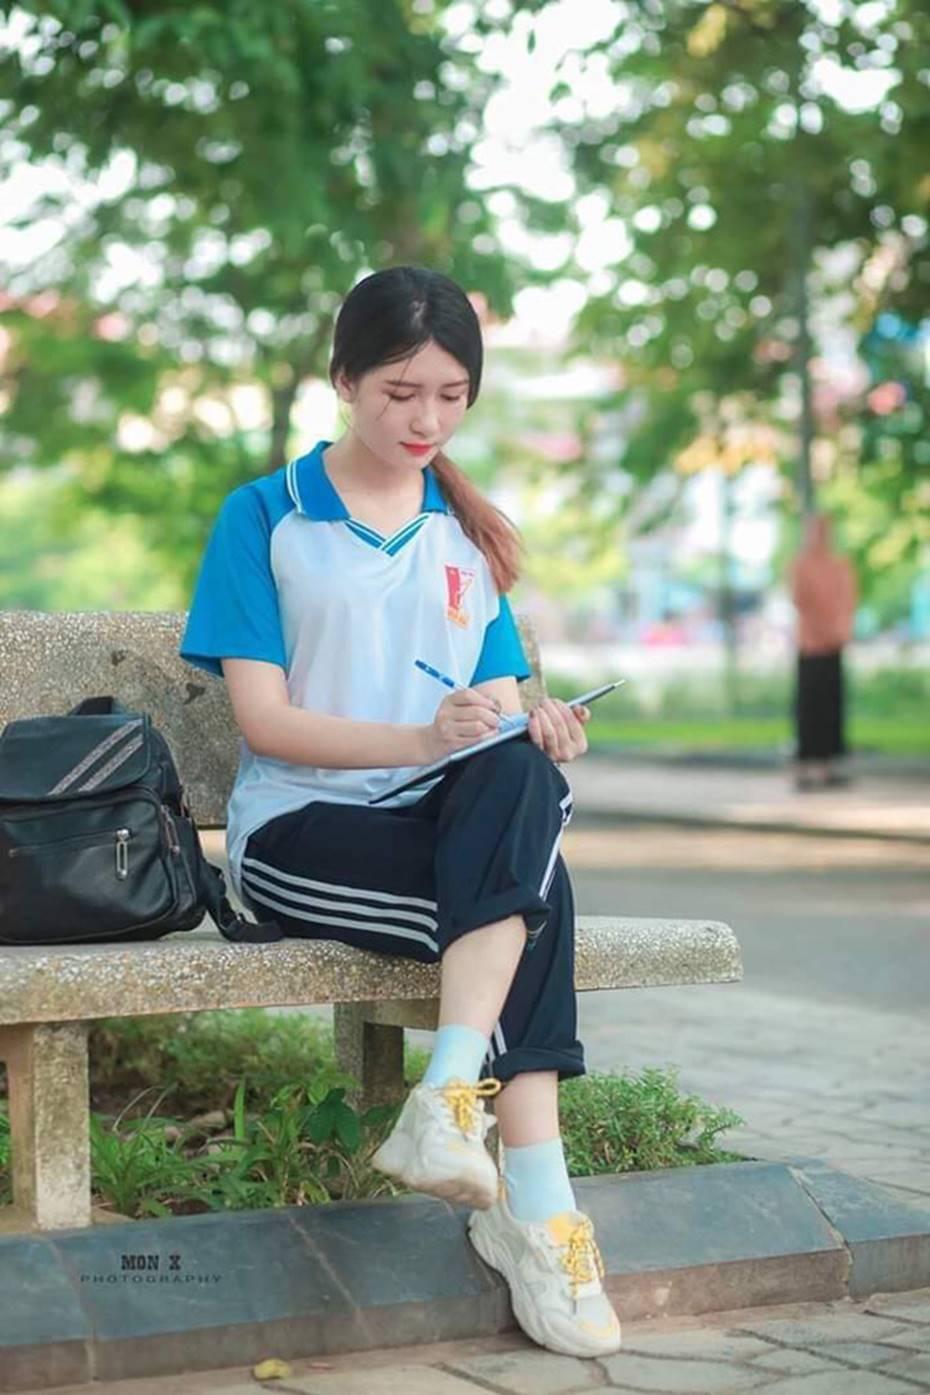 Nữ sinh Bách Khoa gây xôn xao vì đẹp mong manh trong bộ áo quần đồng phục, xem đến ảnh đời thường càng xuất sắc hơn-1